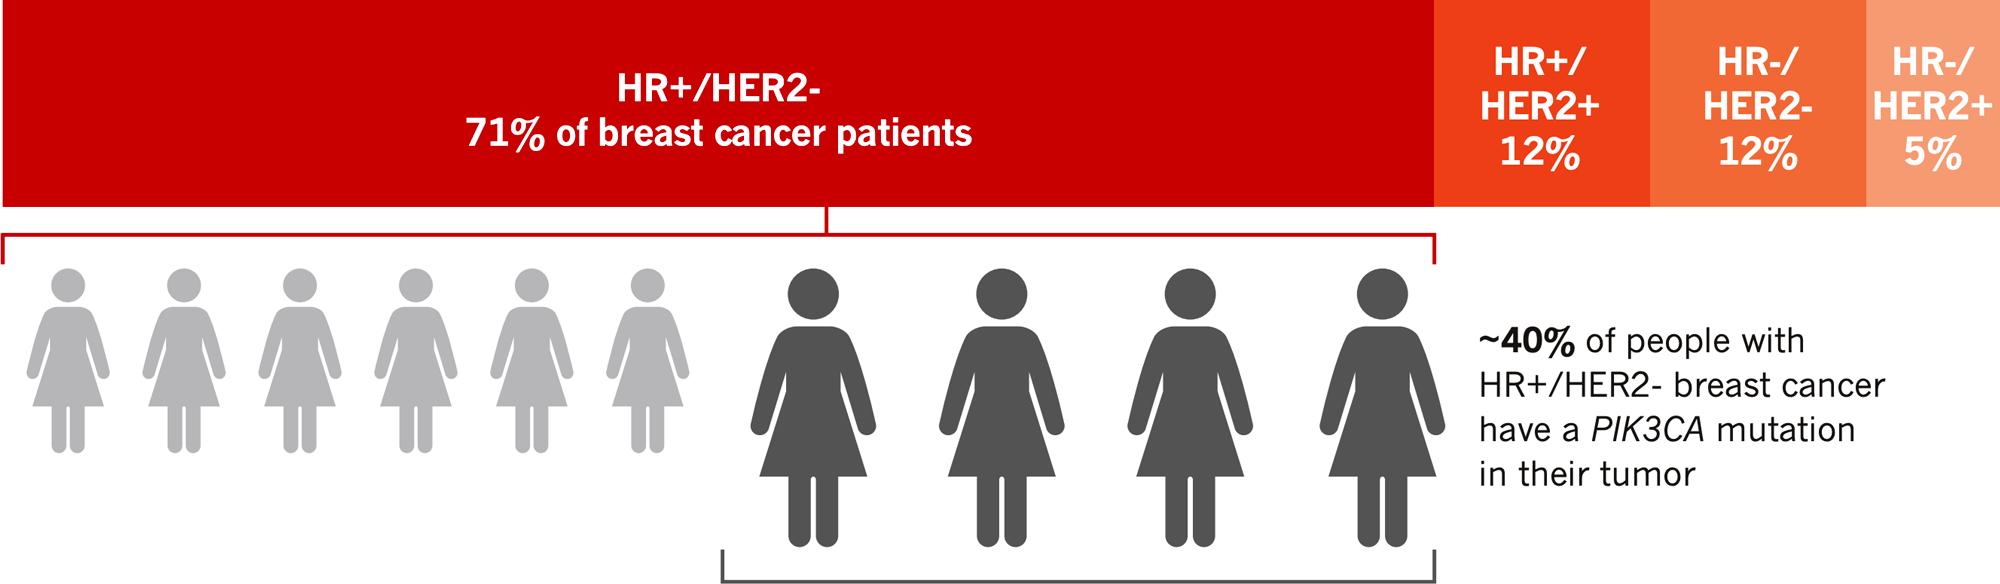 metastatic breast cancer types - «Пикрей»: новое таргетное лекарство против особого рака груди